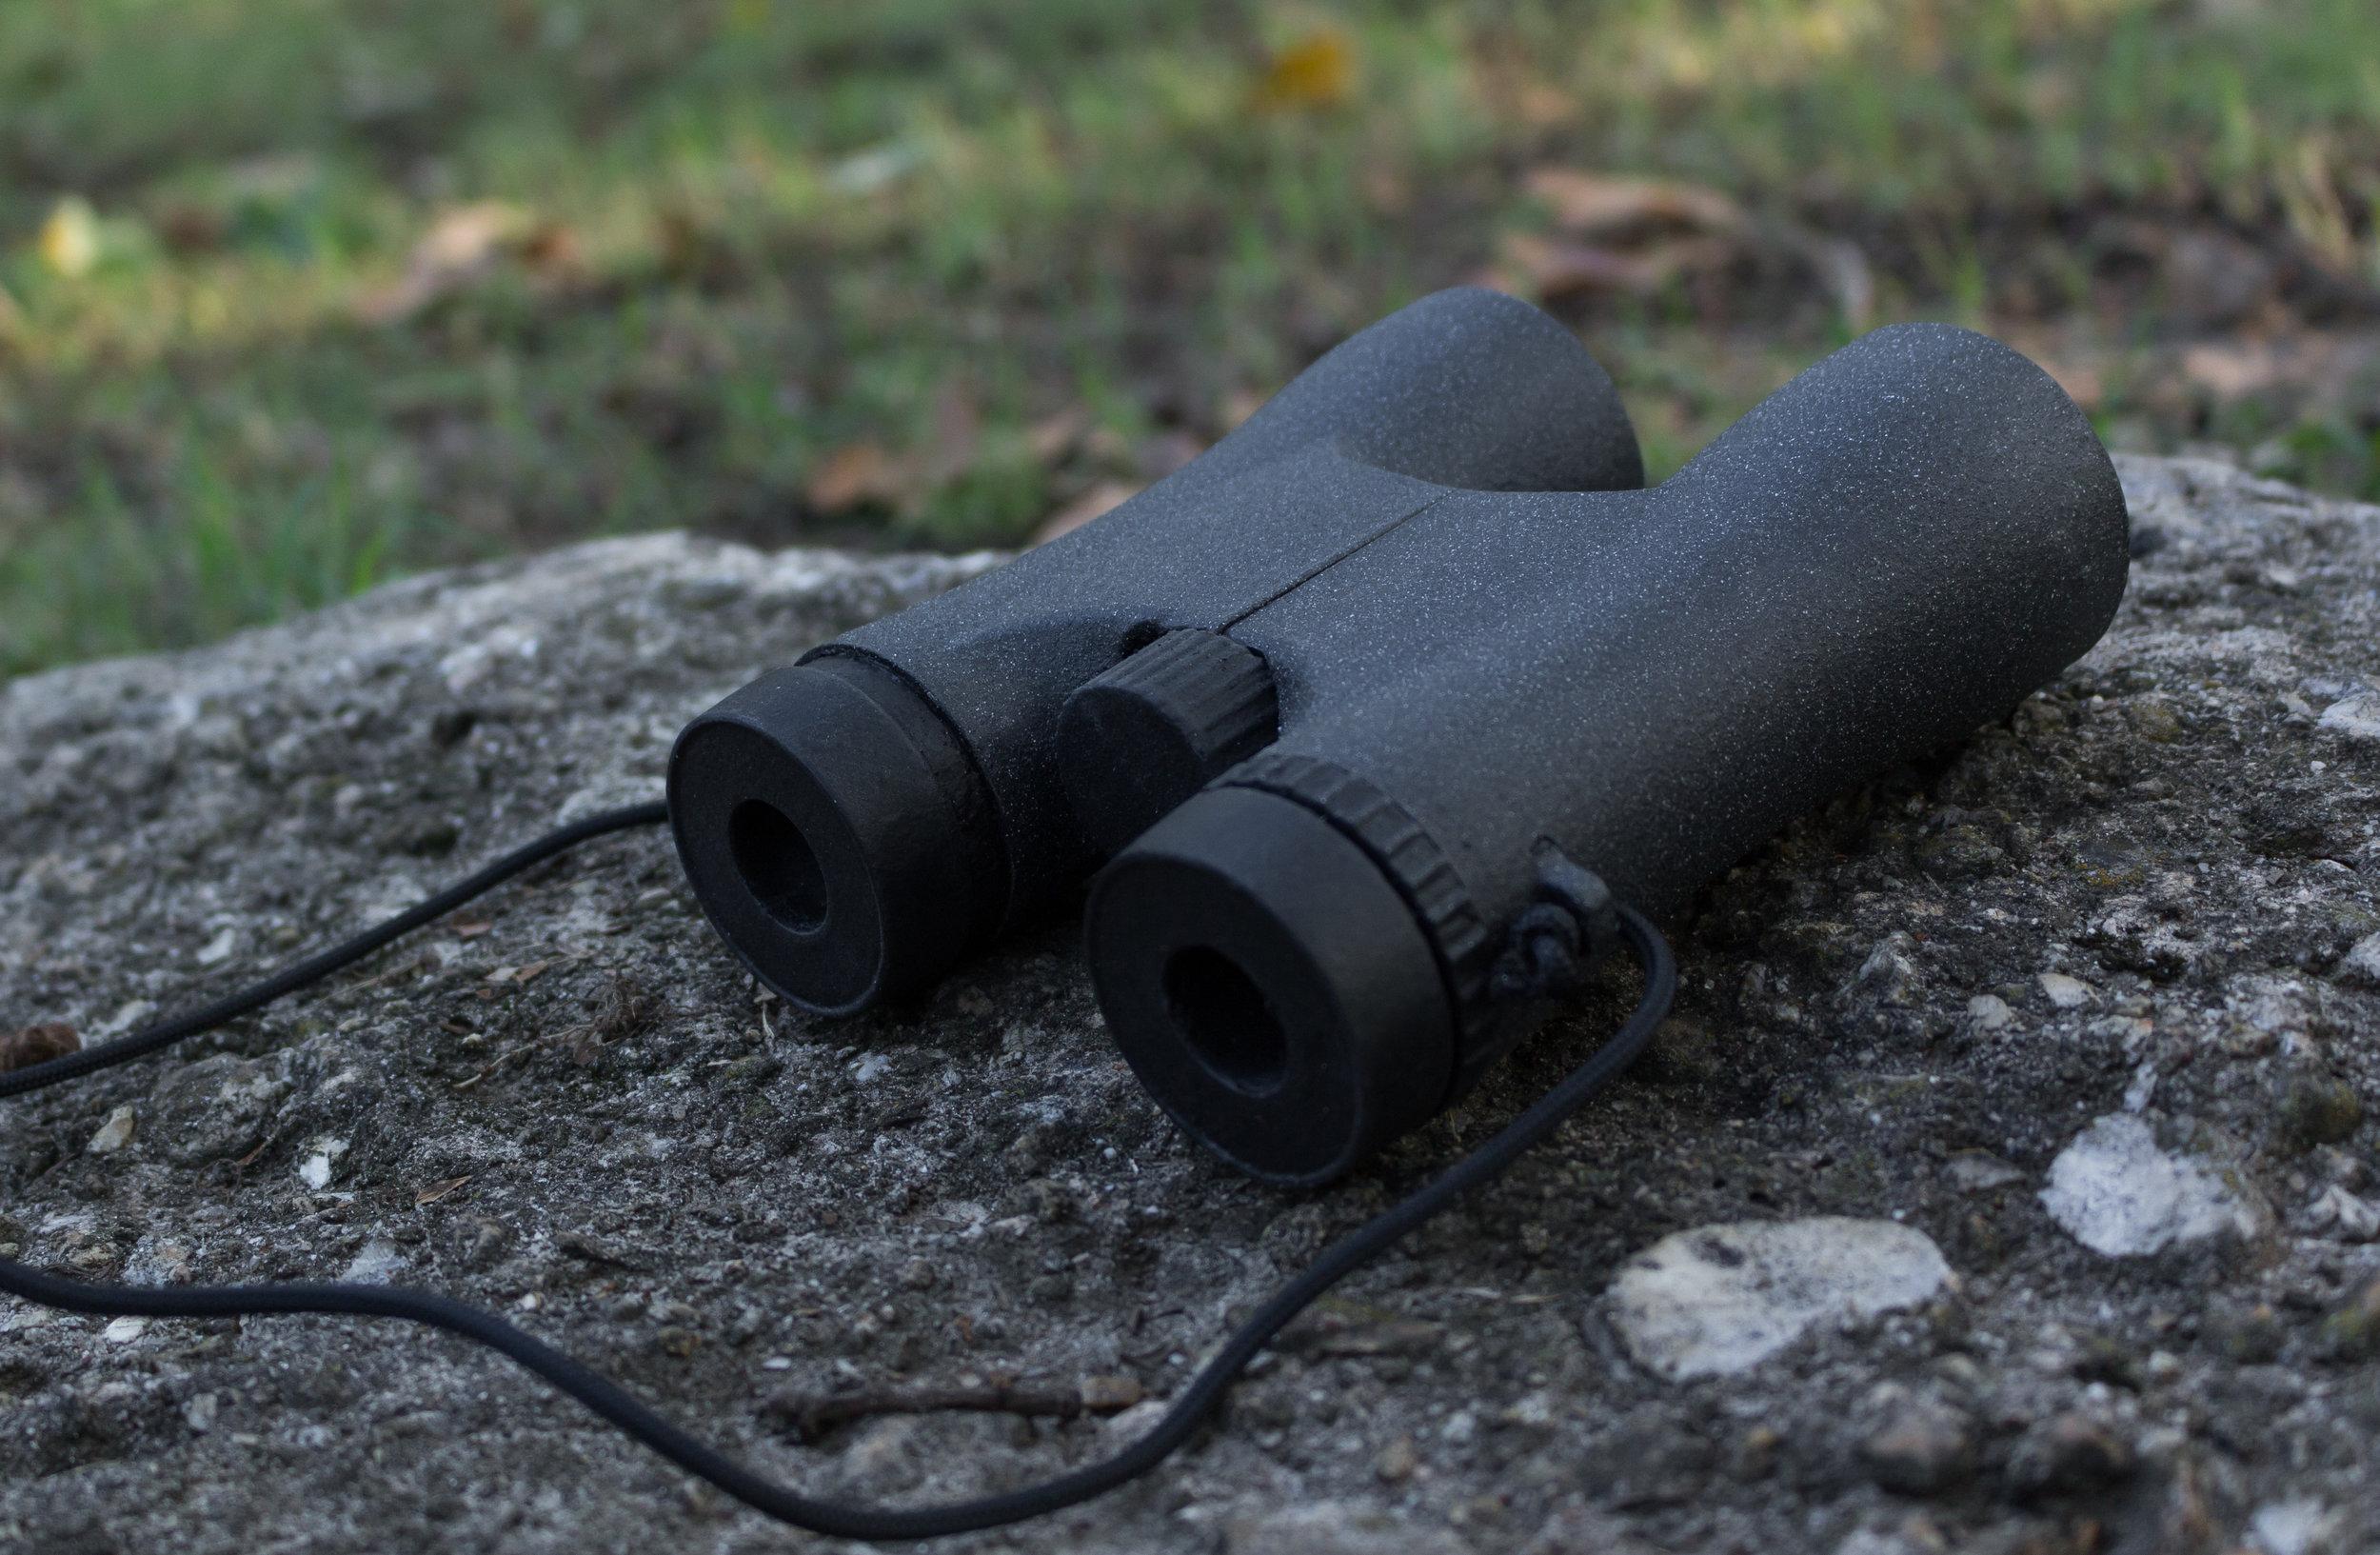 Consumer Binoculars